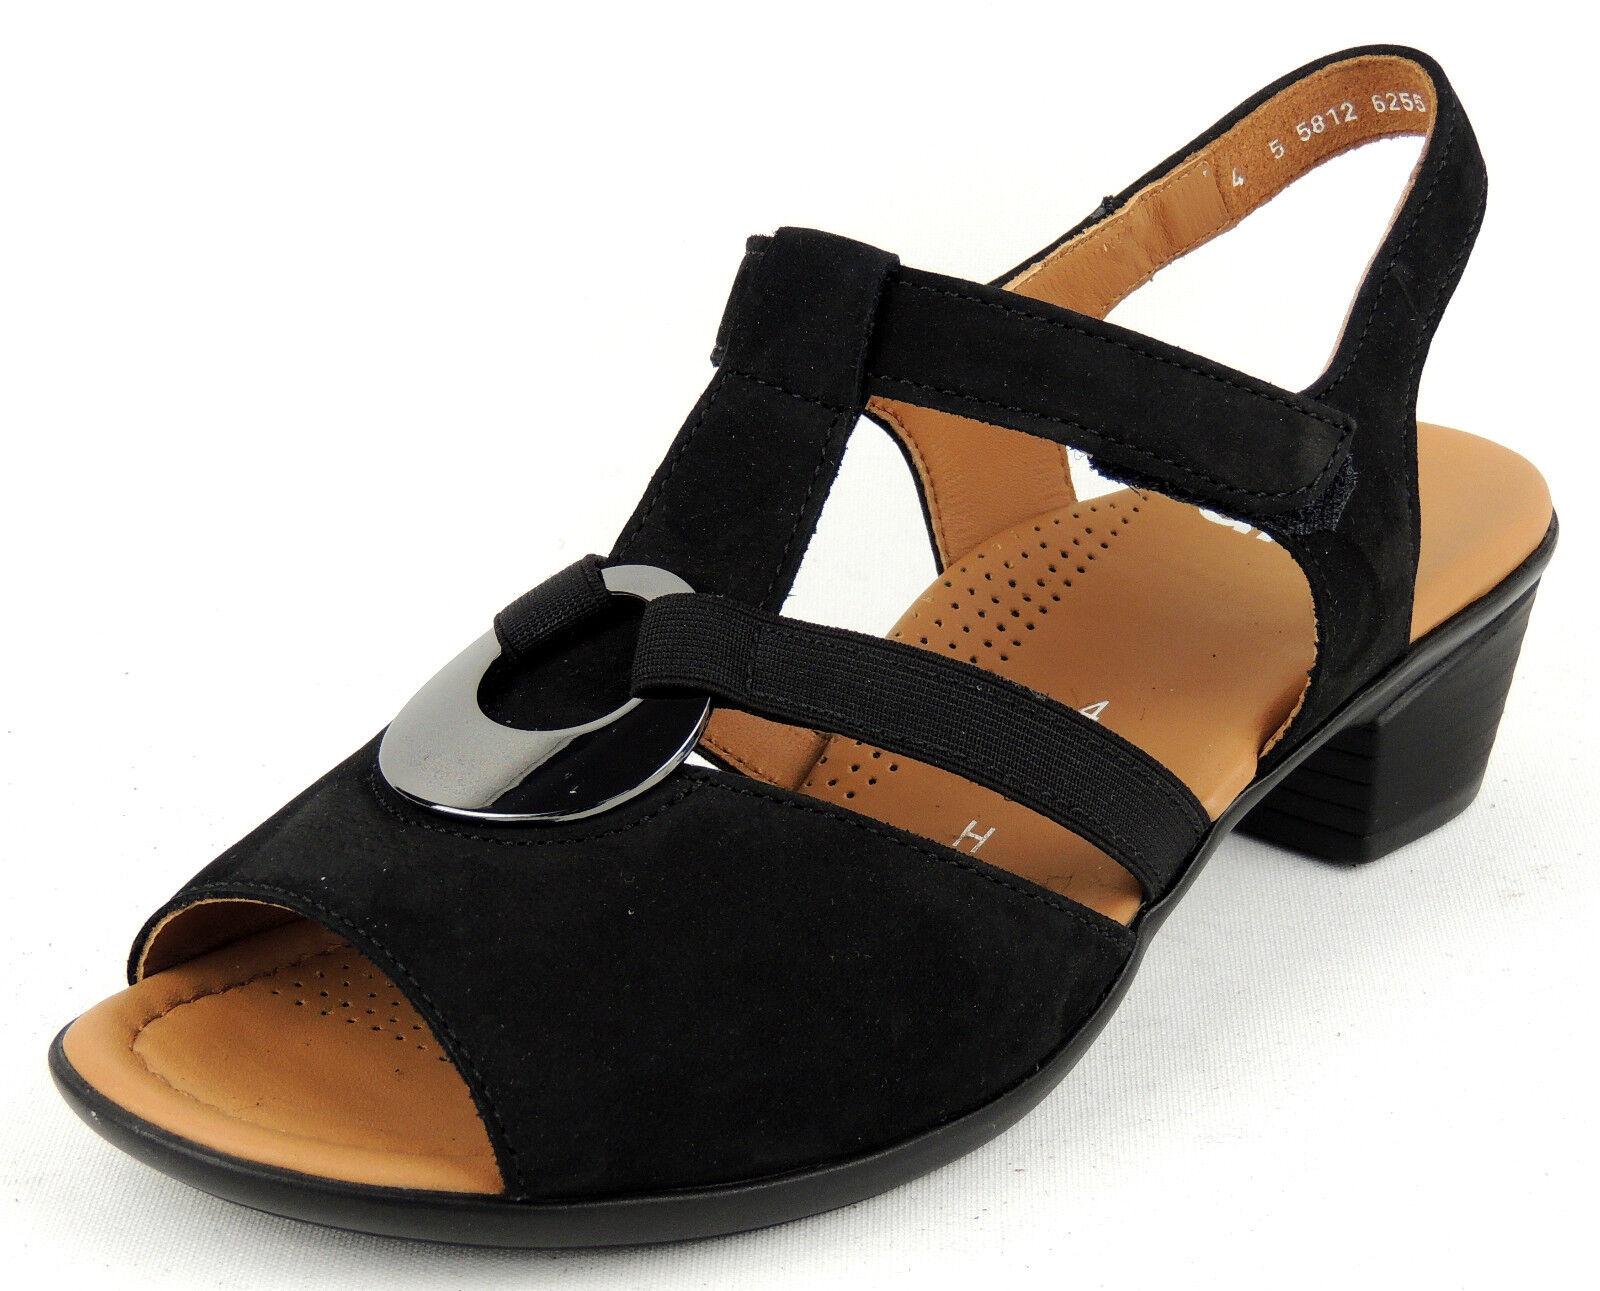 Ara Femmes Sandale Largeur H Semelle Souple Velcro Noir Complet en cuir